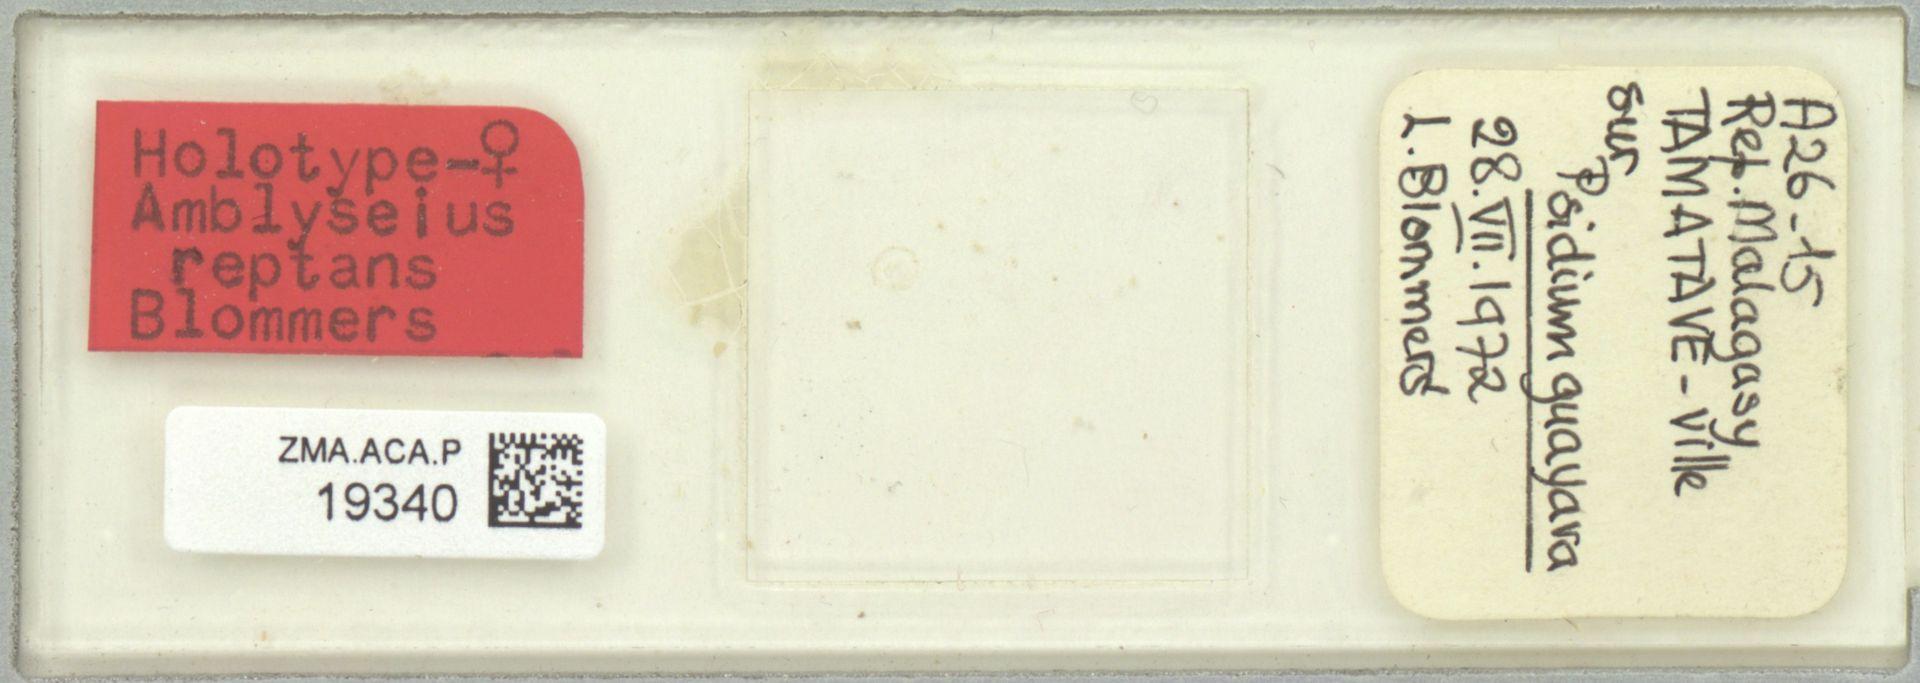 ZMA.ACA.P.19340 | Scapulaseius reptans (Blommers, 1974)